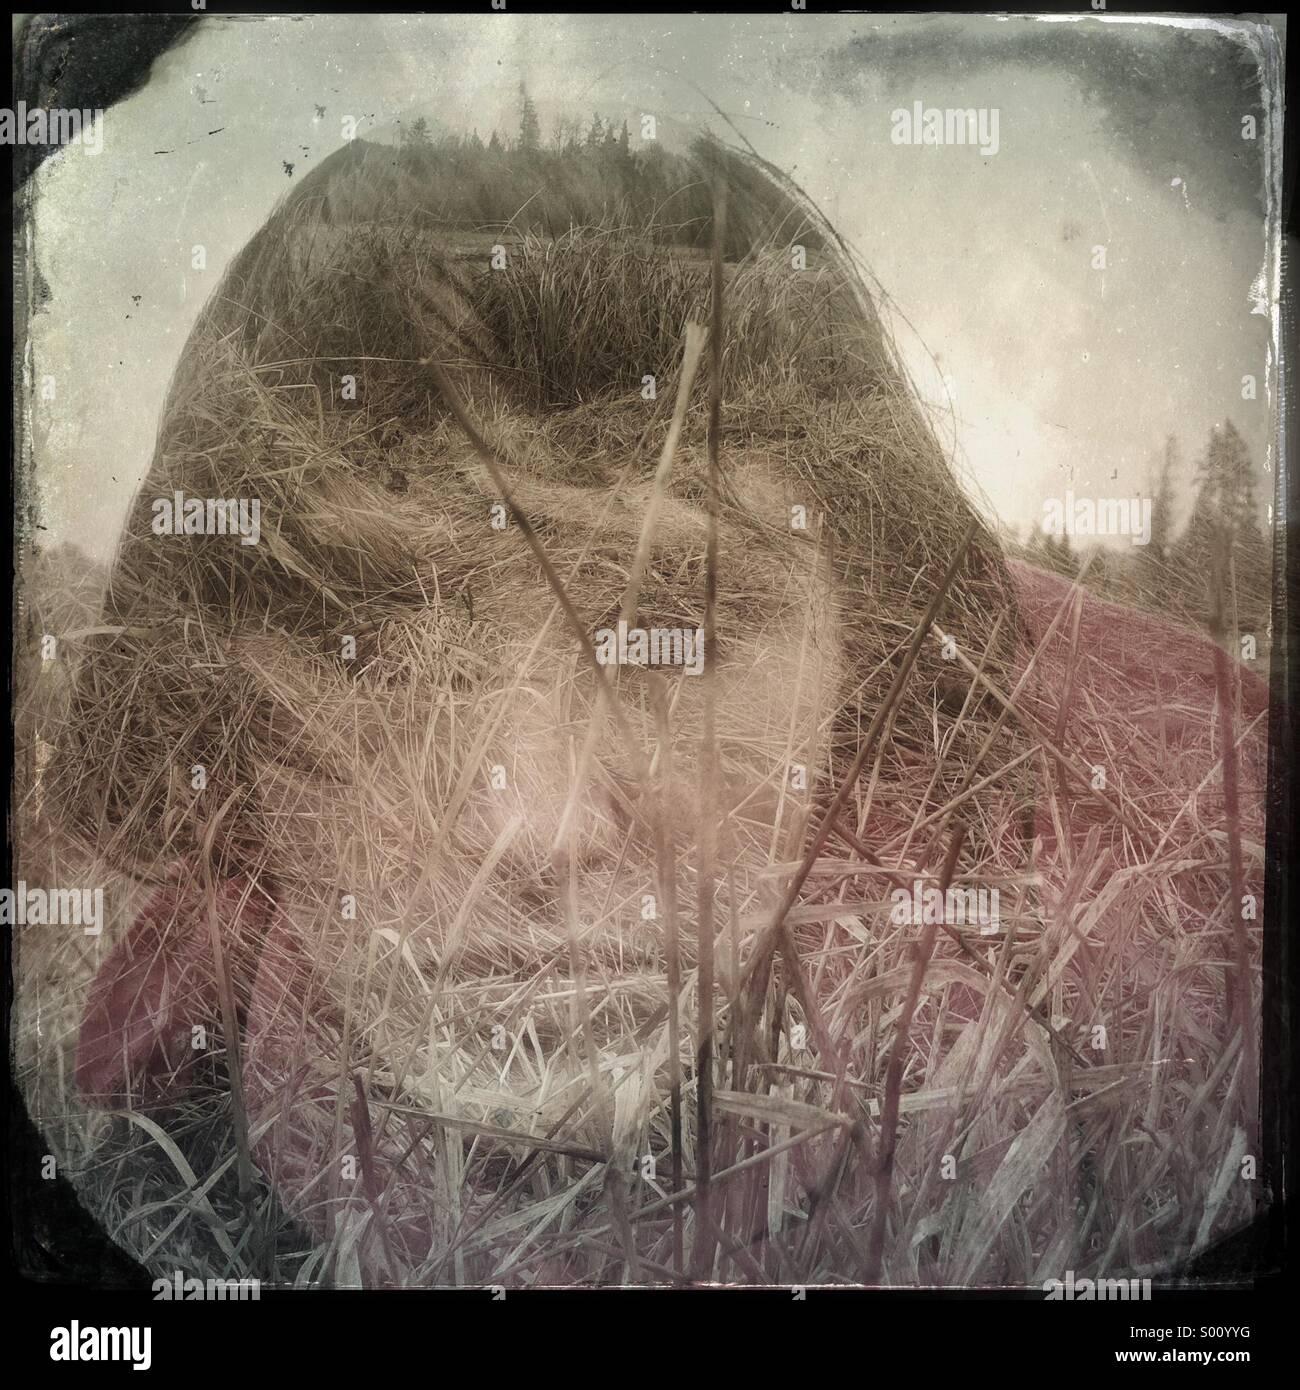 Country drive portrait d'une fille aux cheveux noirs. Une double exposition. Banque D'Images